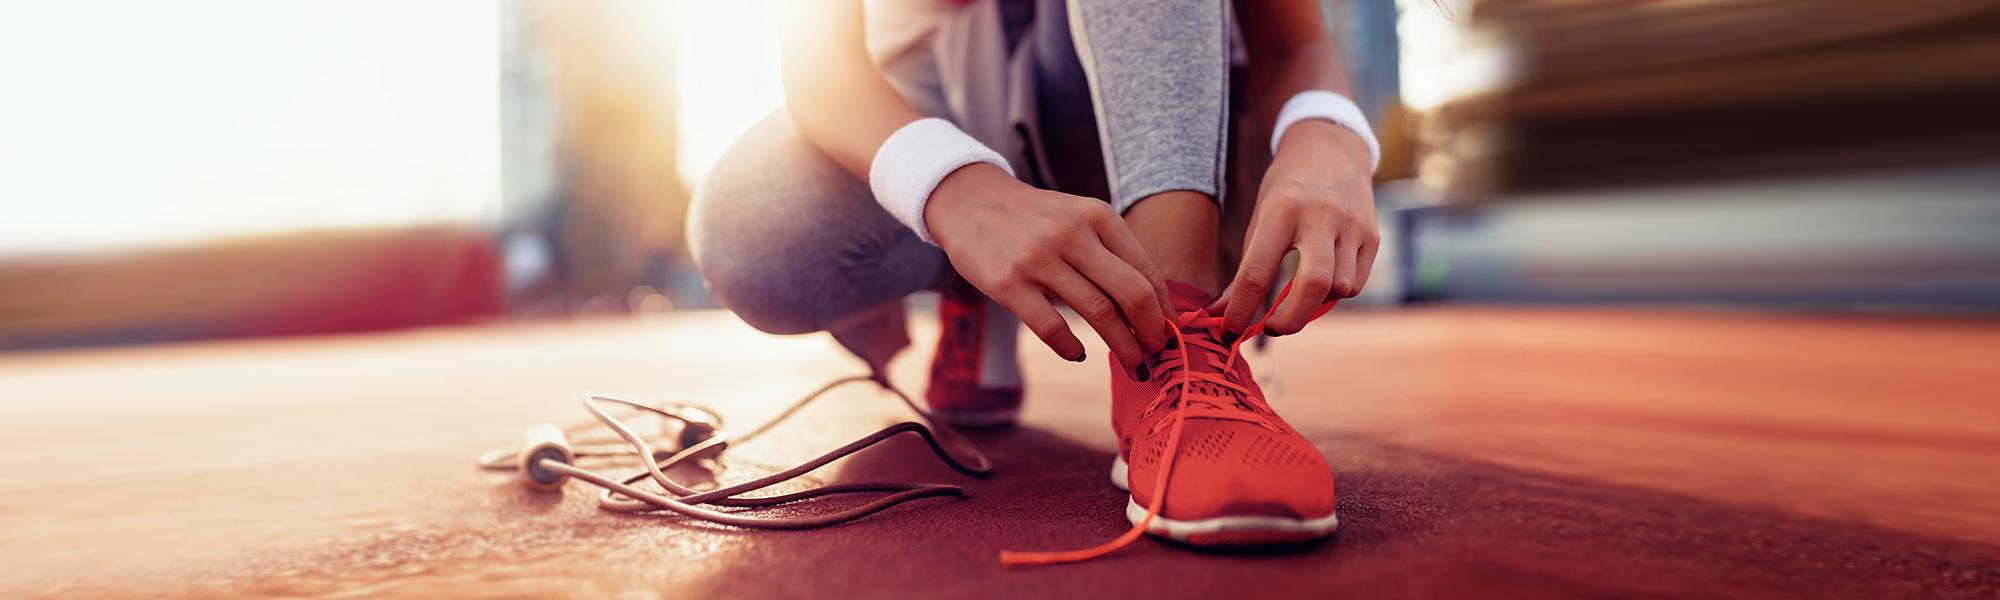 Bild von einer Sportlerin, die gerade ihren roten Laufschuh schnürt